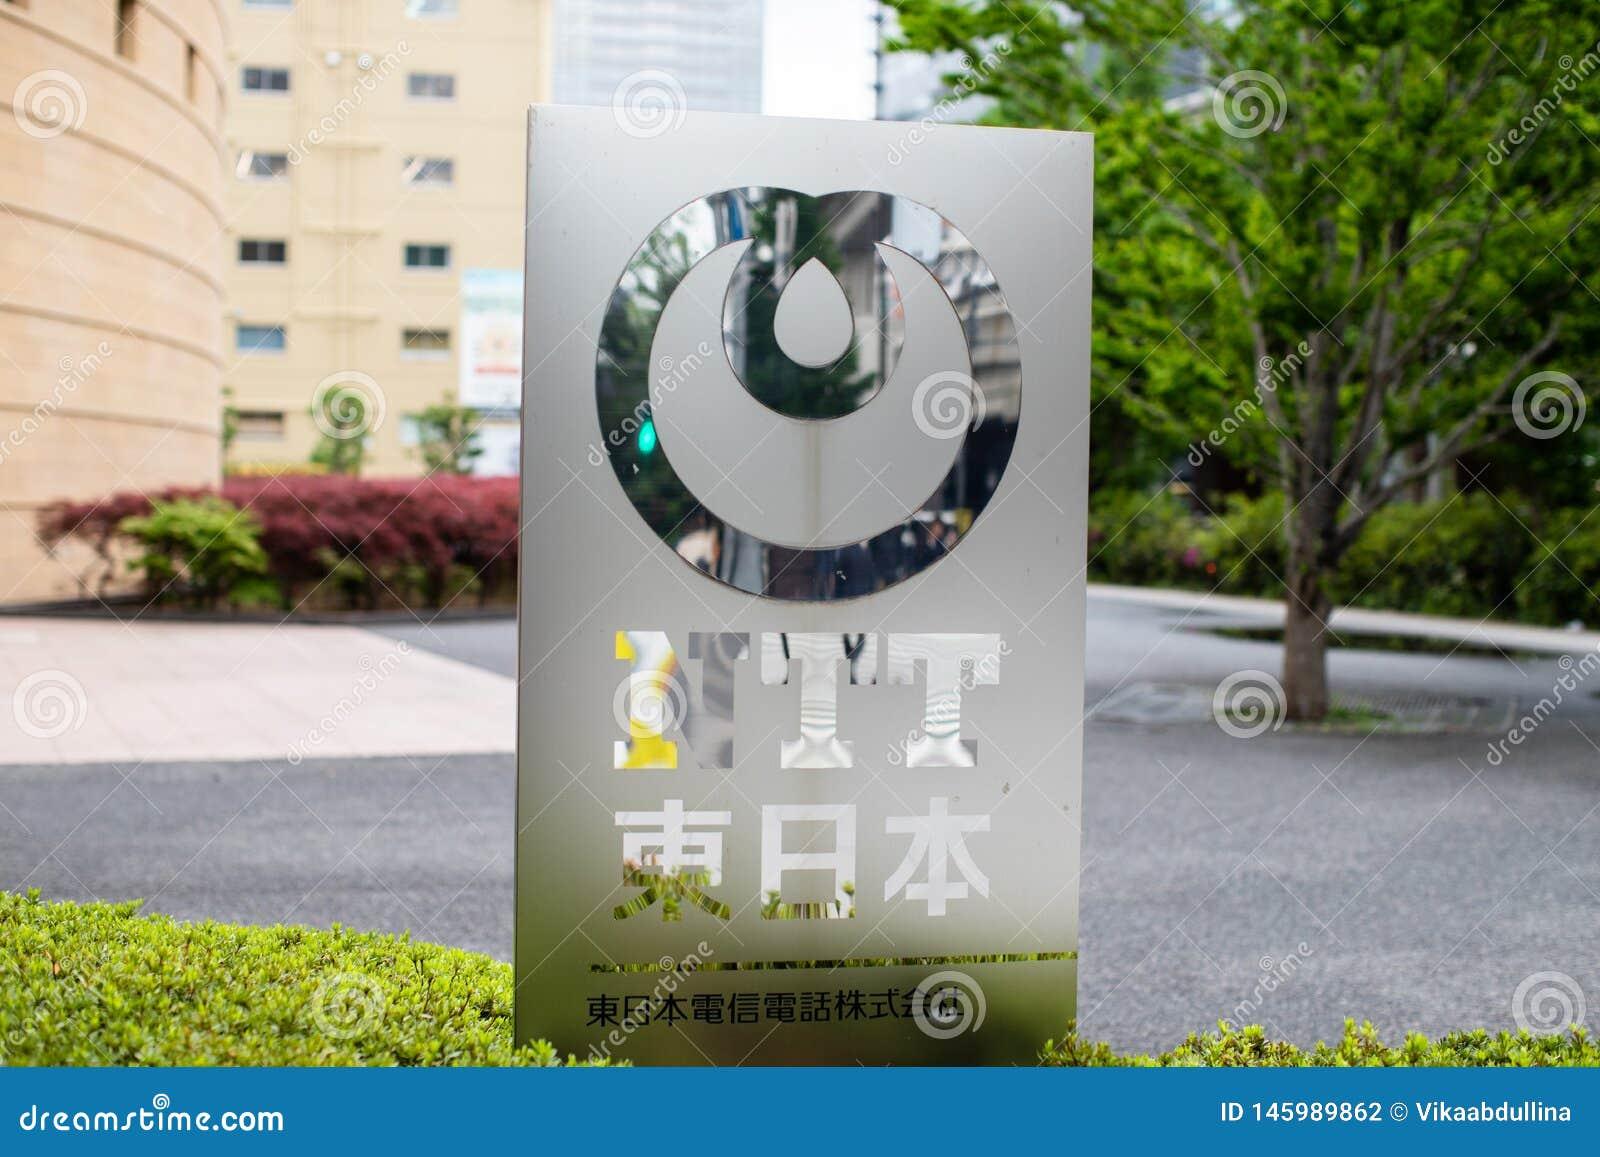 Nippon telegraf och telefon - NTT-logoen, ?r det ett japanskt telekommunikationf?retag som f?rl?ggas h?gkvarter i Tokyo, Japan